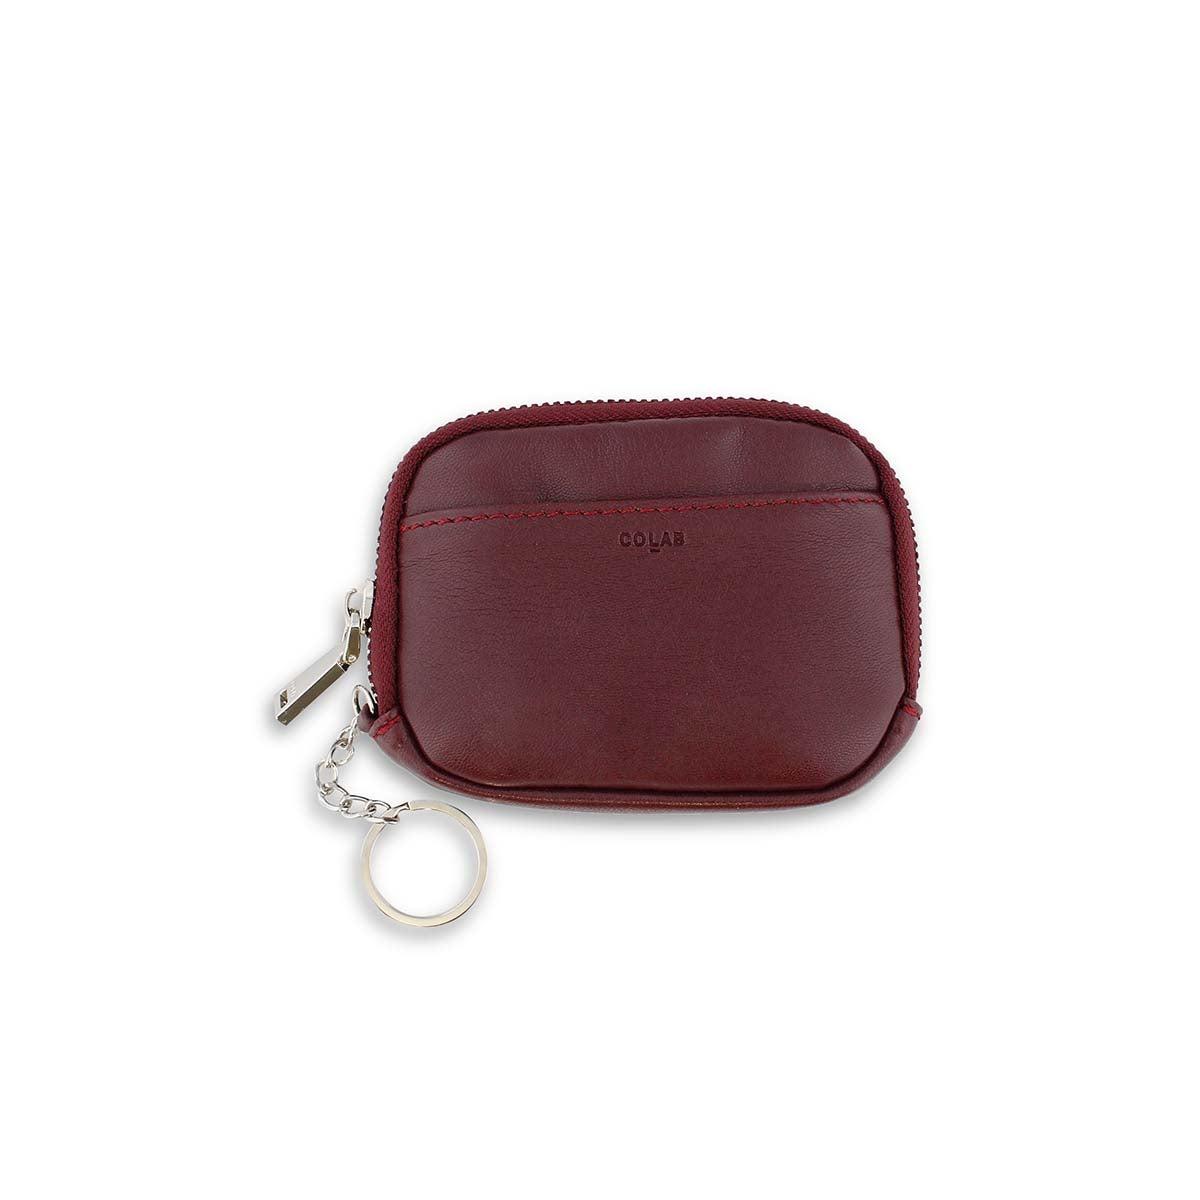 Lds wine zip up wallet